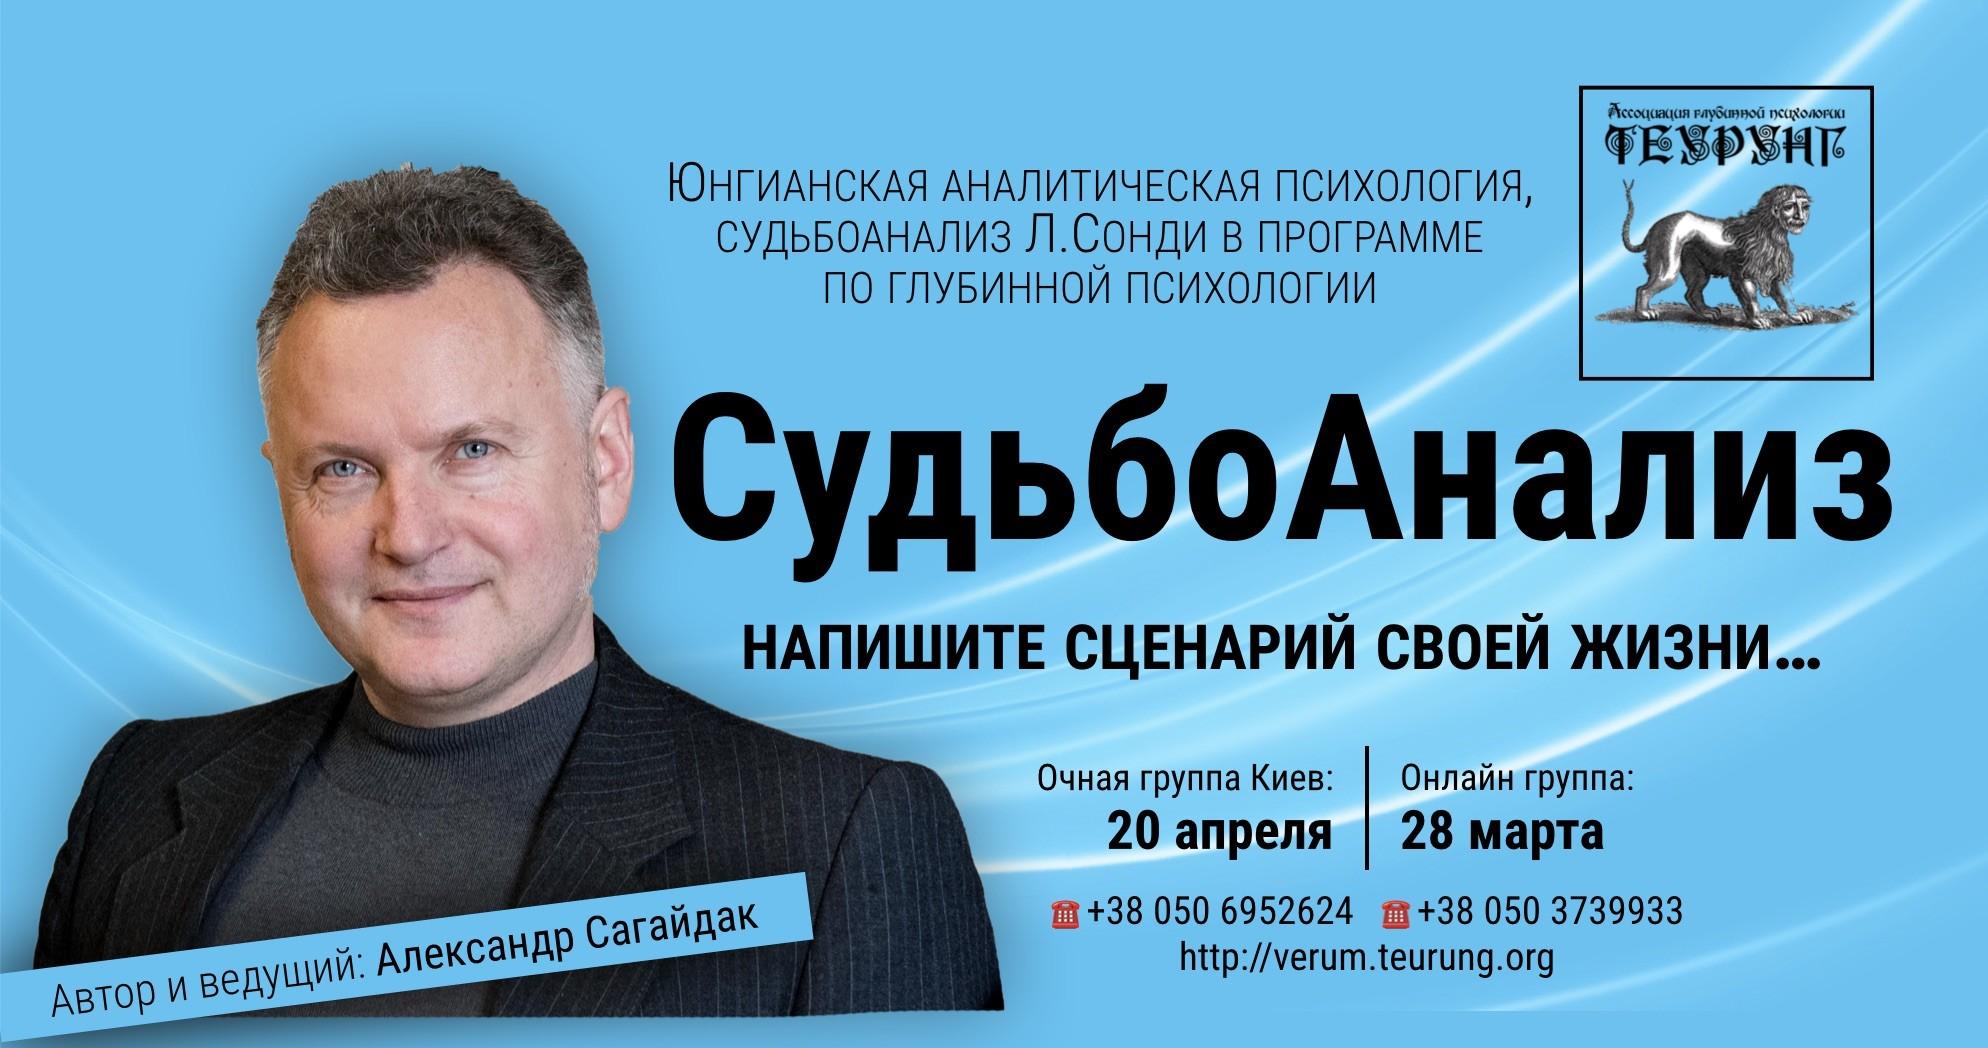 Киев. Судьбоанализ. Ведущий Александр Сагайдак